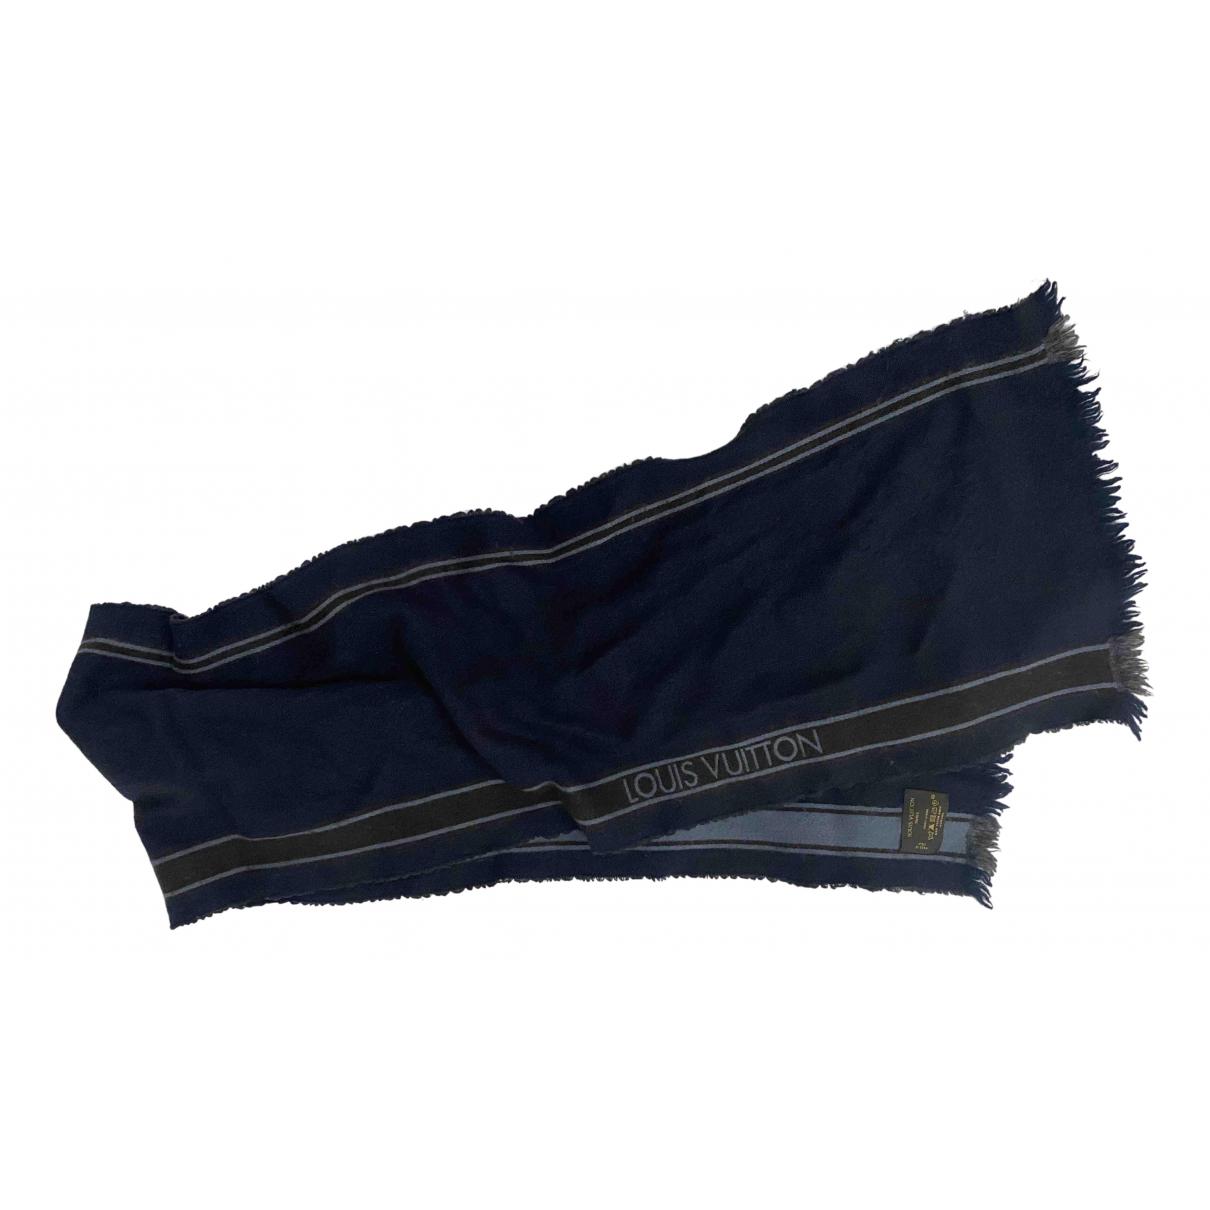 Louis Vuitton \N Tuecher, Schal in  Blau Wolle